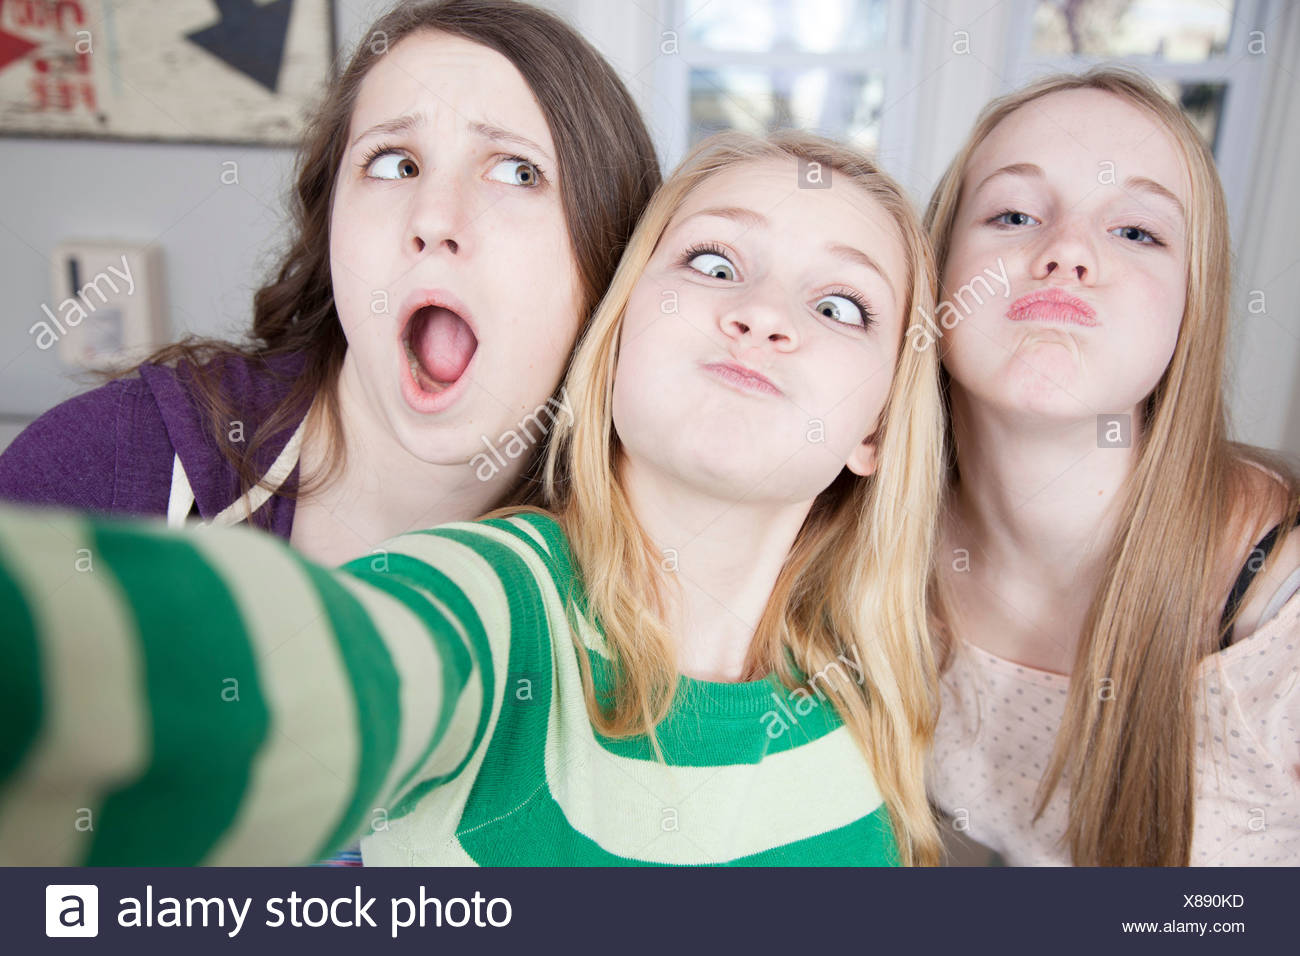 Los adolescentes tirando funny faces Imagen De Stock